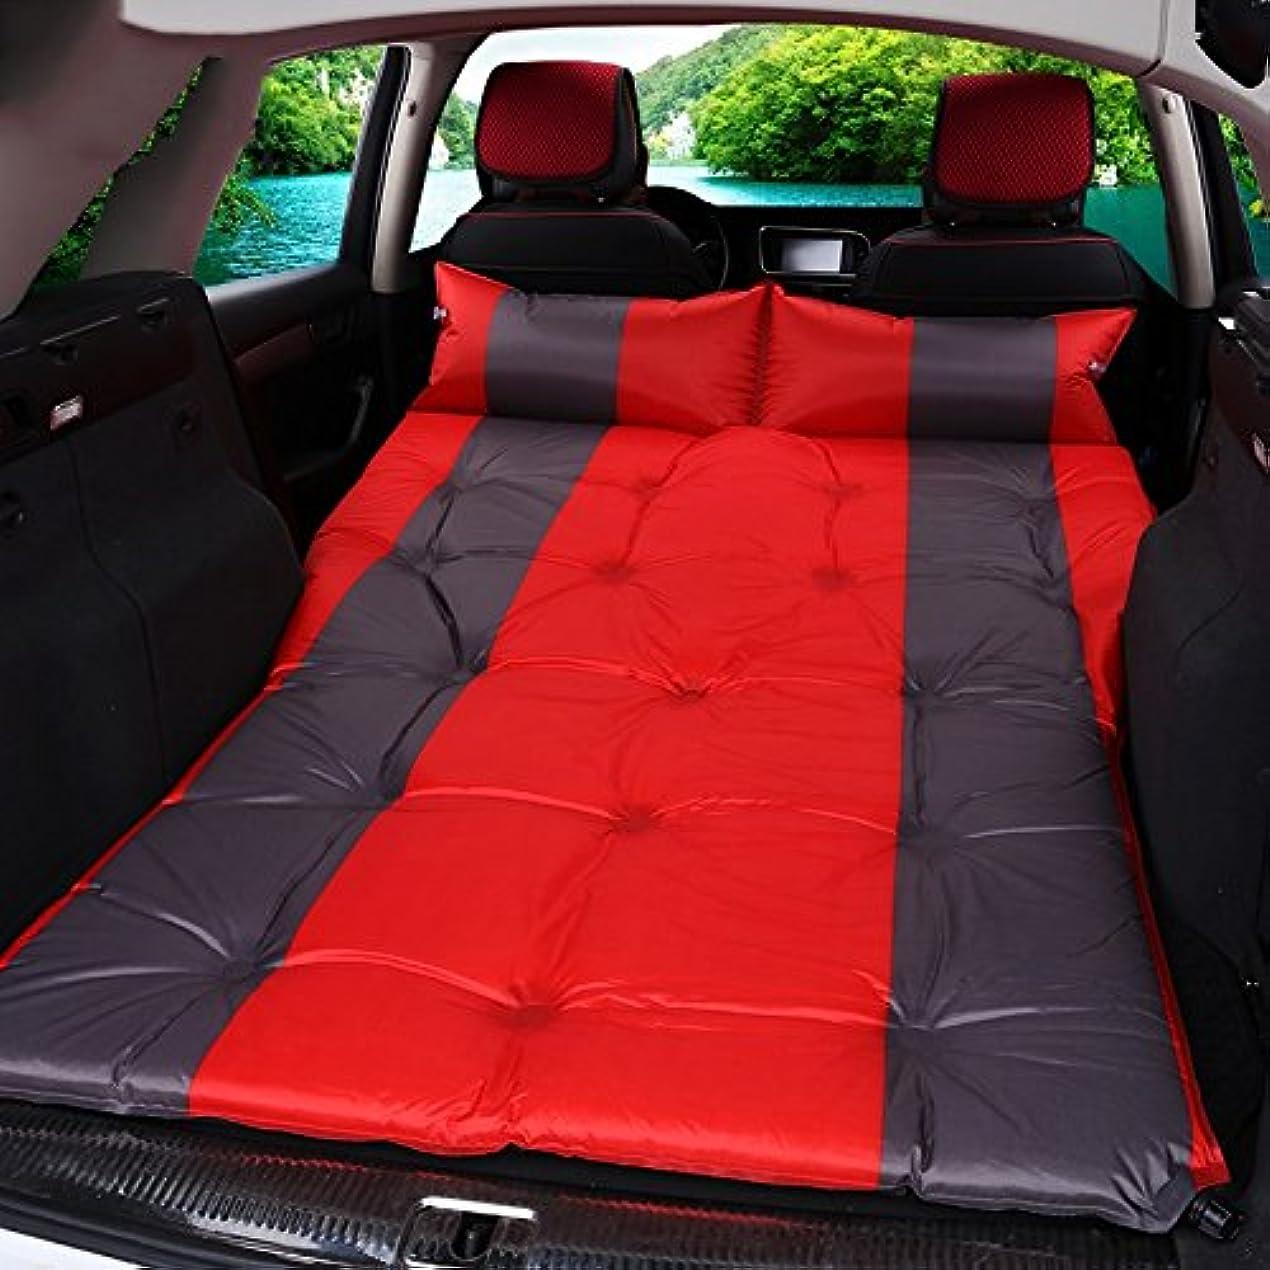 副産物カウントアップ爆風GYP インフレータブルベッドSuvの車のベッド、旅行ベッドの寝台のマット屋外の車のマットキャンプの吸湿性のパッドポータブル折り畳み式旅行車の供給190 * 126センチメートル ( 色 : #3 )